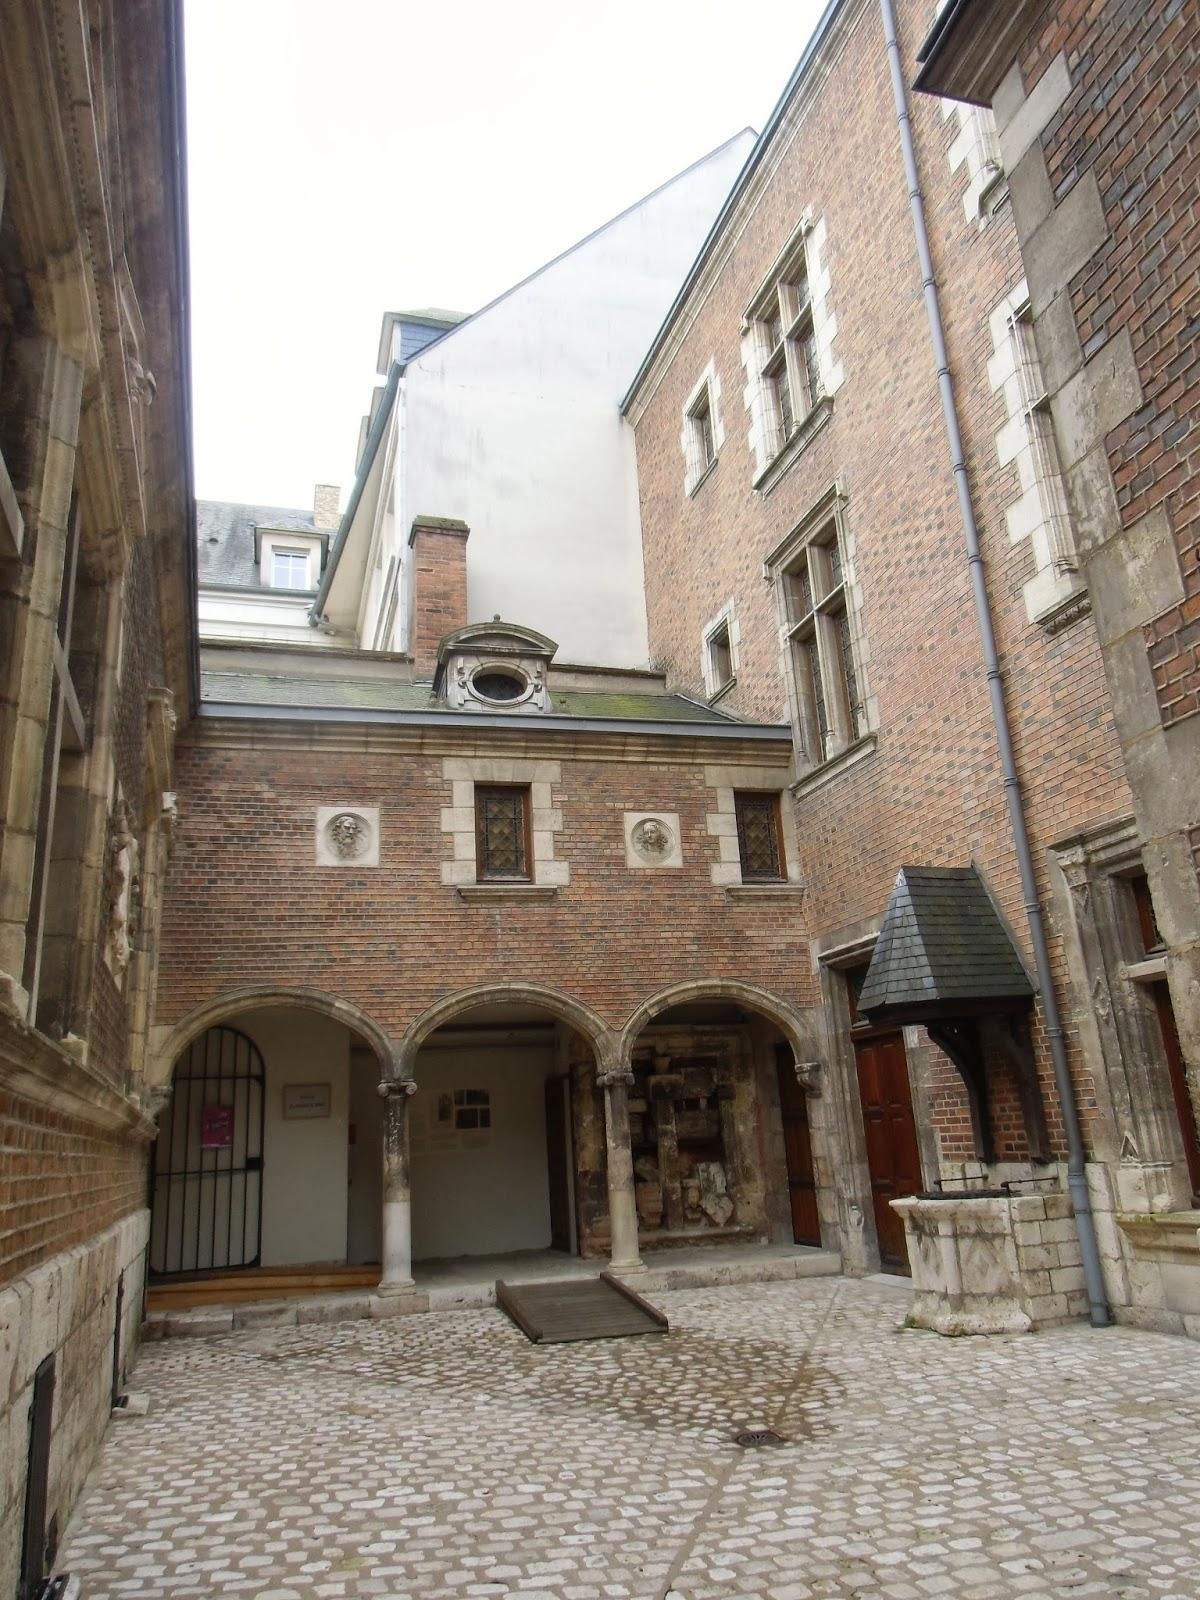 La rte le p re d 39 ulysse square abbe desnoyers orleans for Orleans loiret